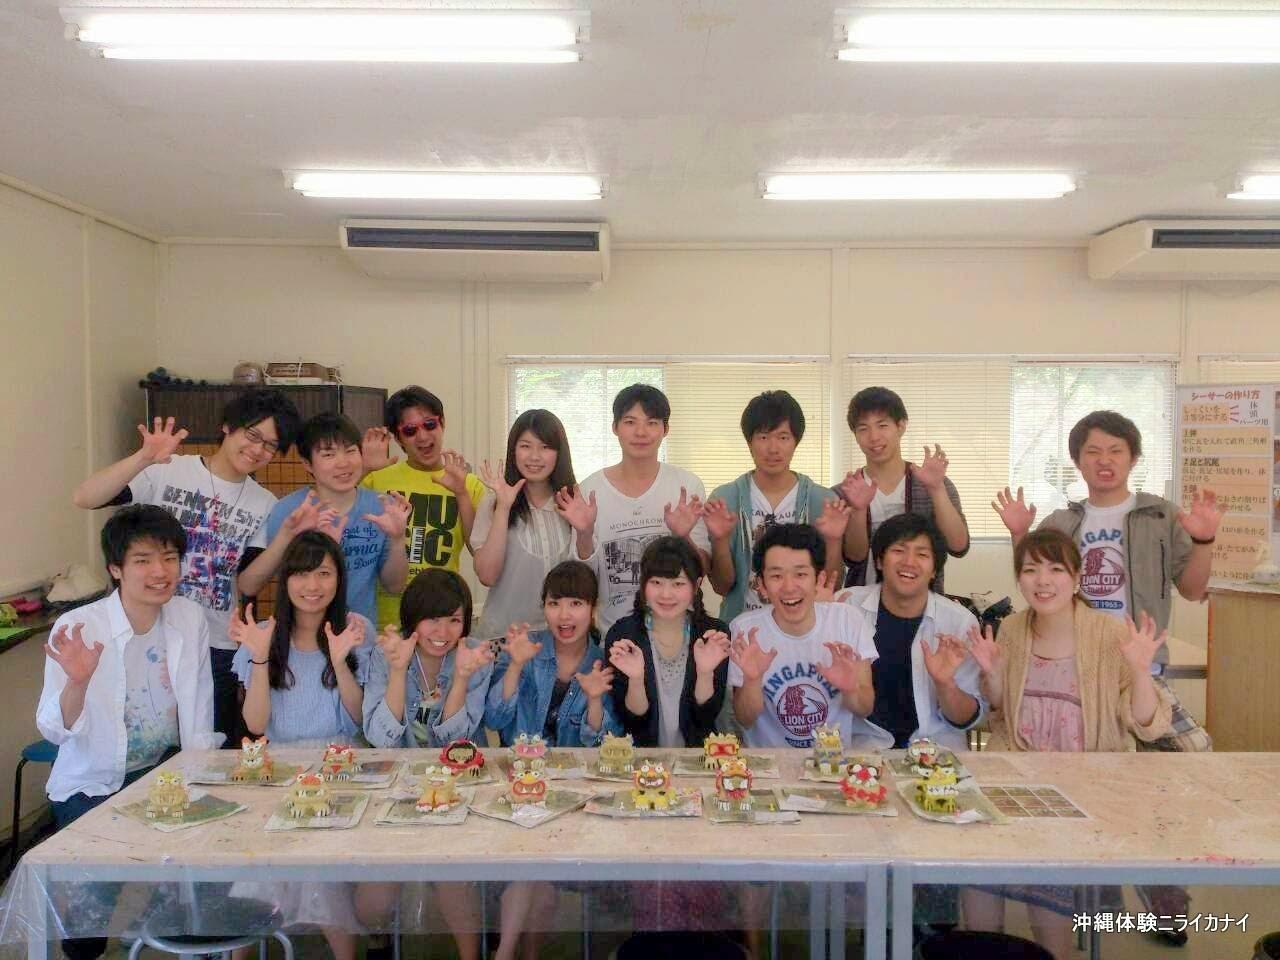 沖縄体験/観光卒業旅行でシーサー作り